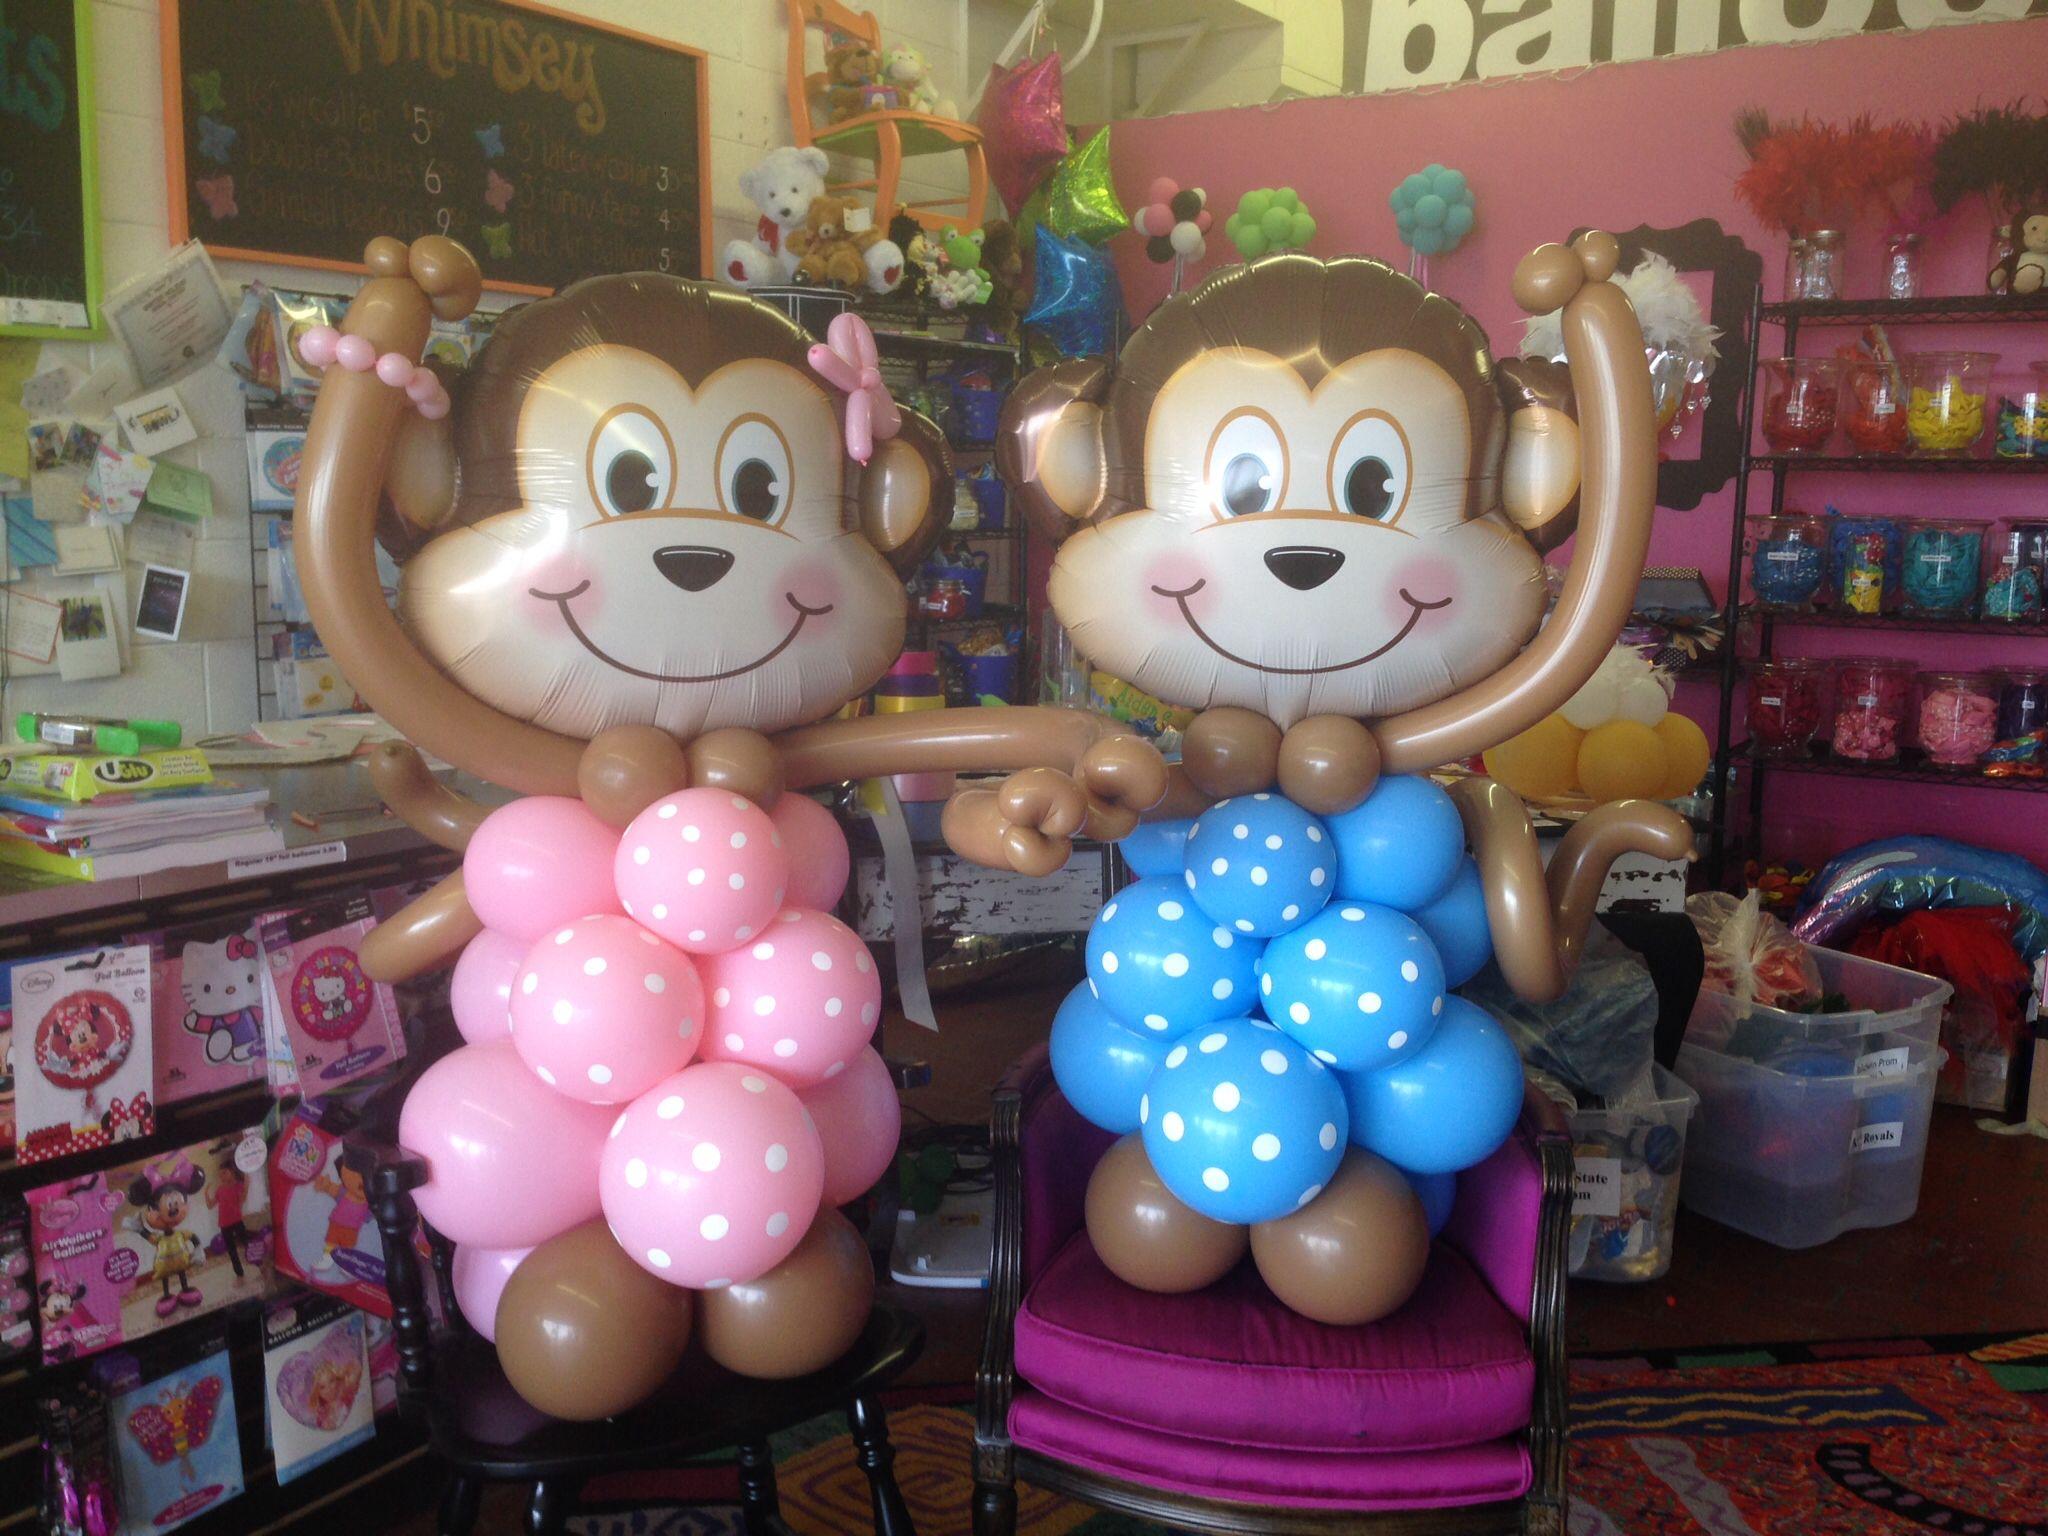 Two little Monkeys! www.balloonarts.biz